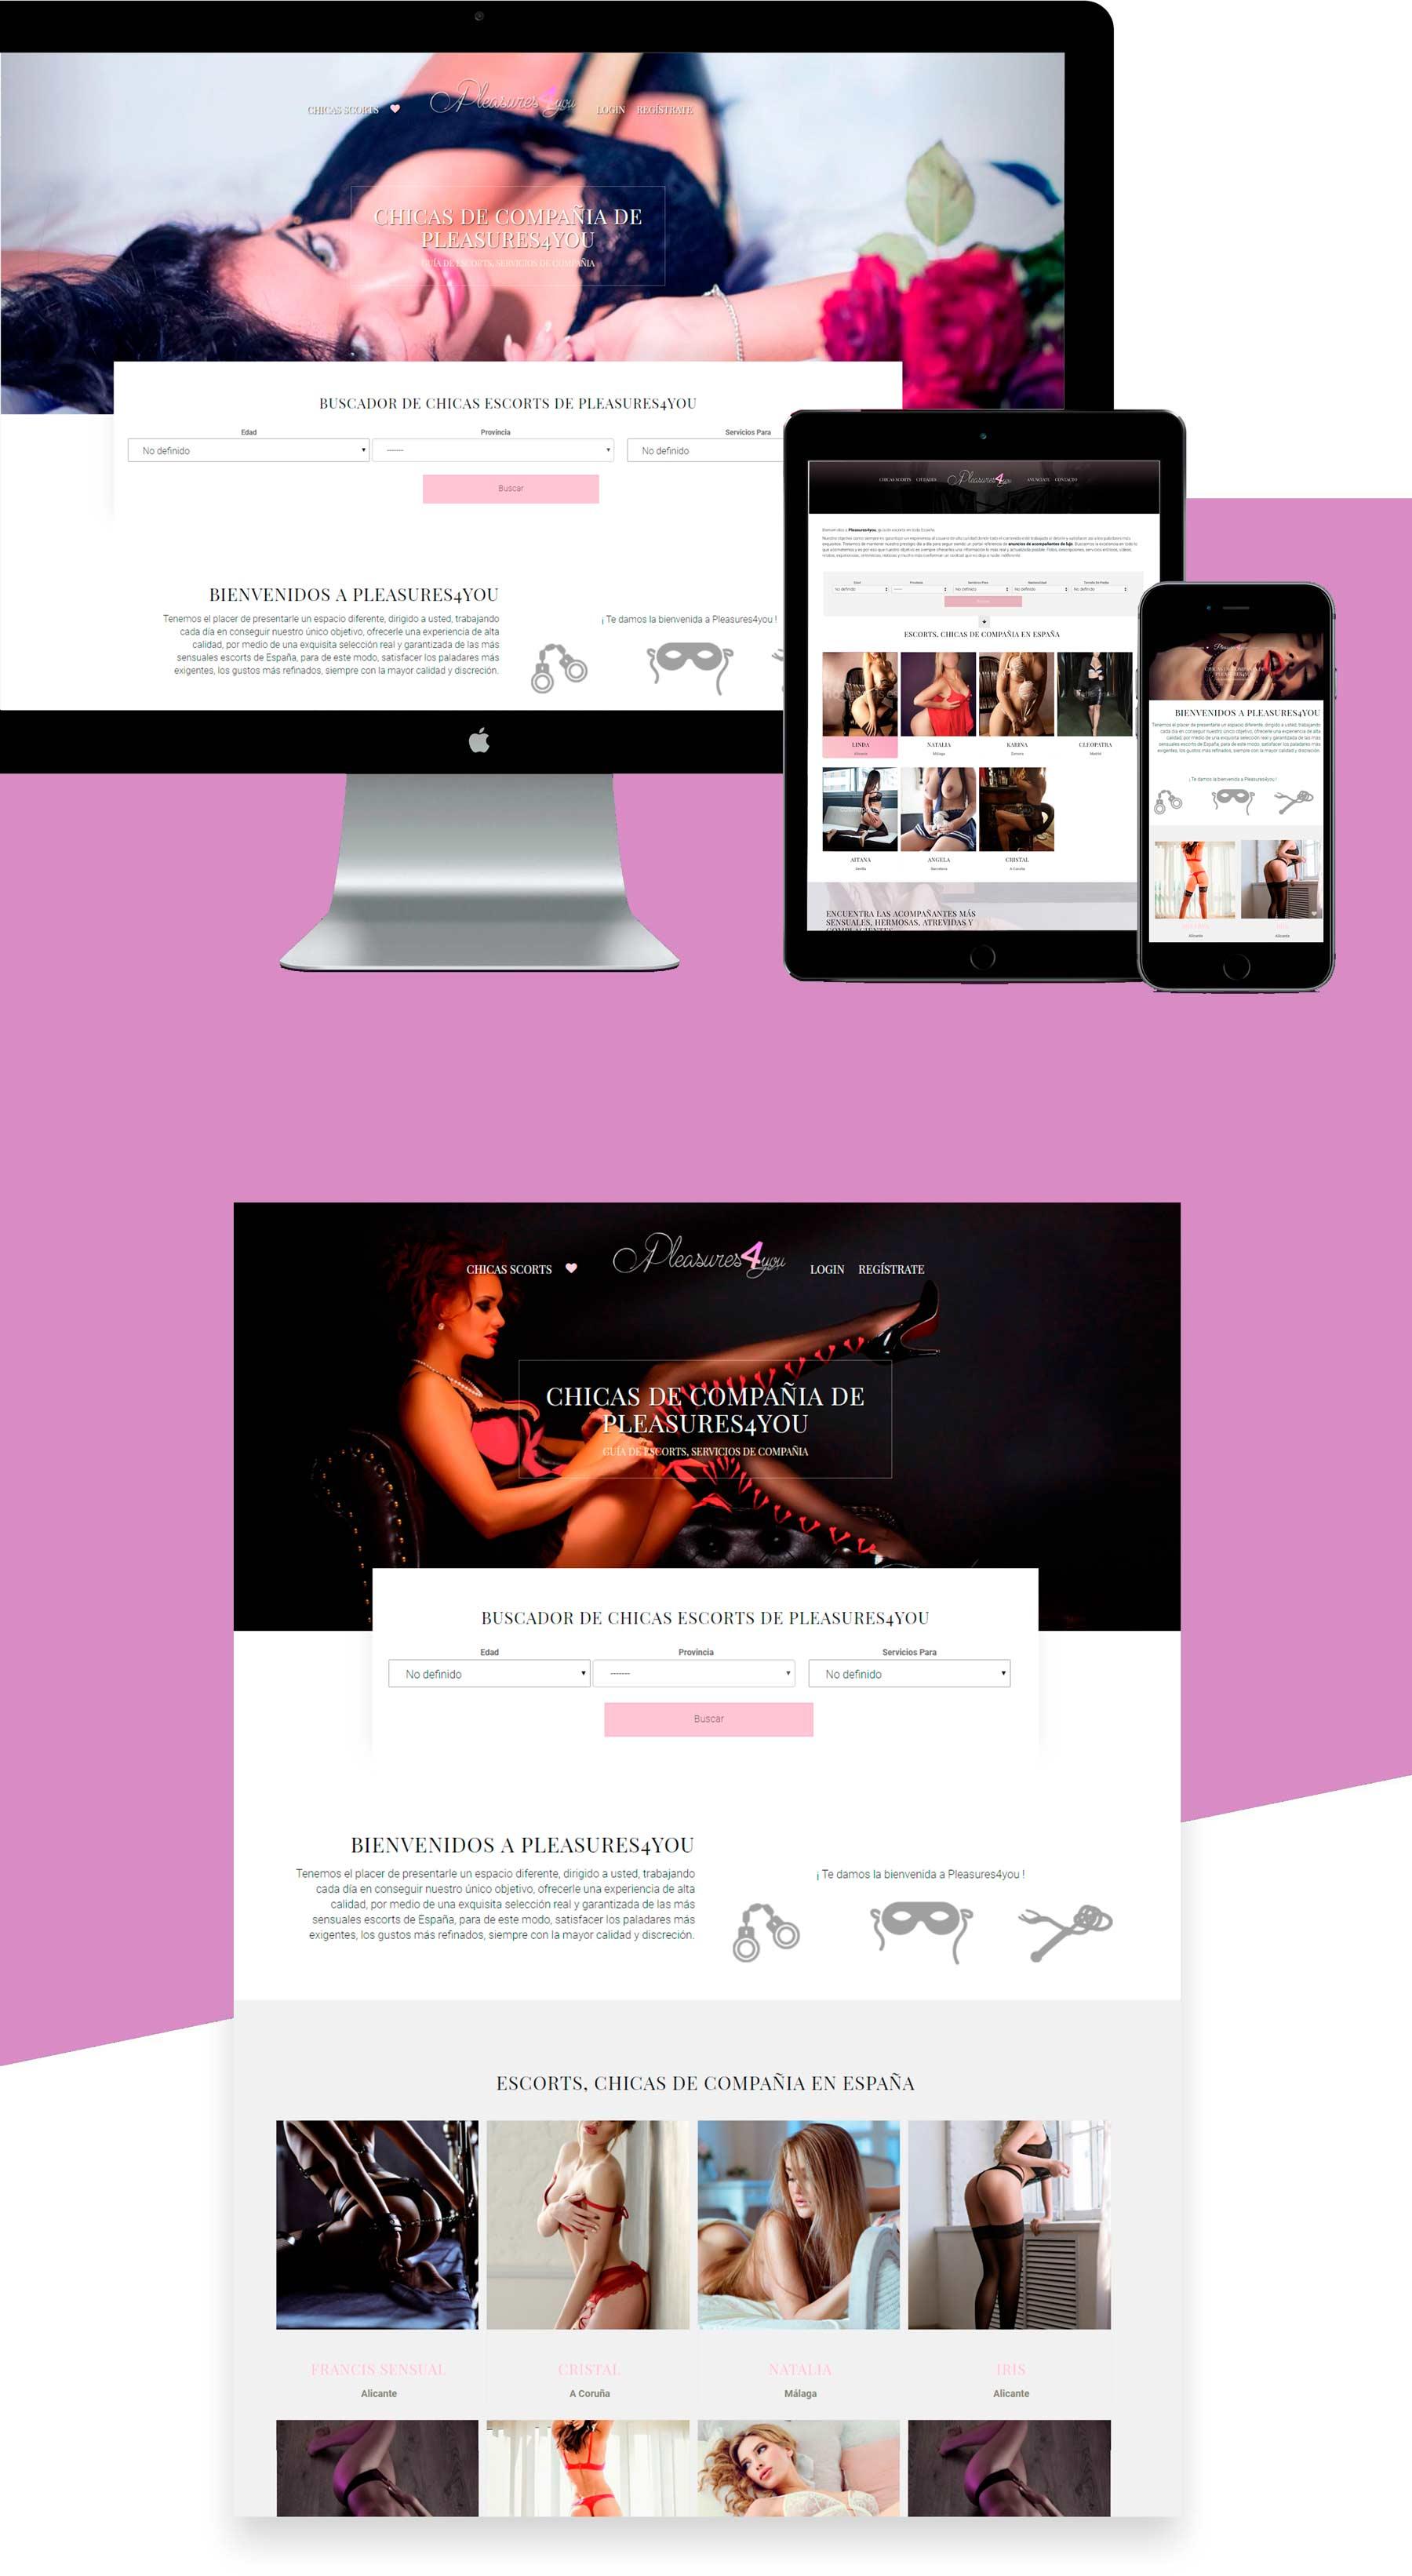 diseño web portal de anuncios de escorts España